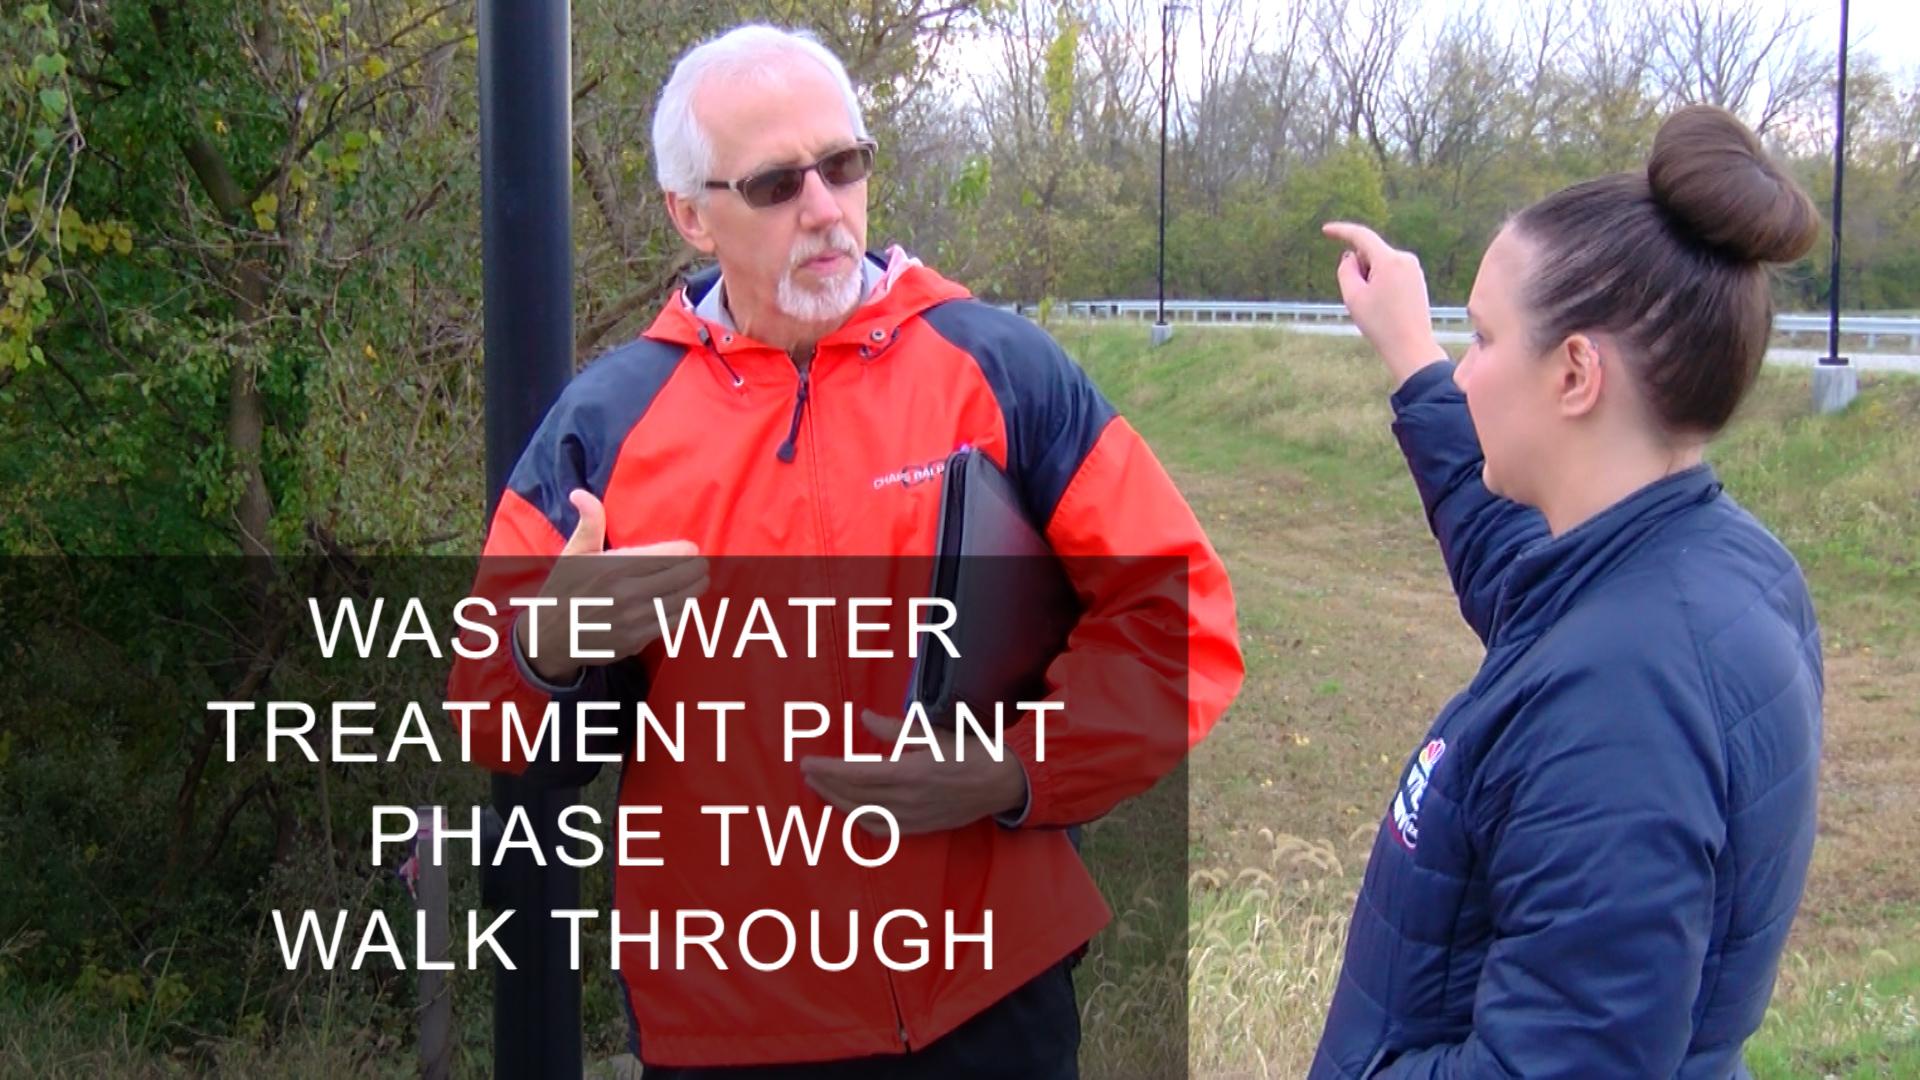 WASTE WATER PLAMS_1510004616628.jpg